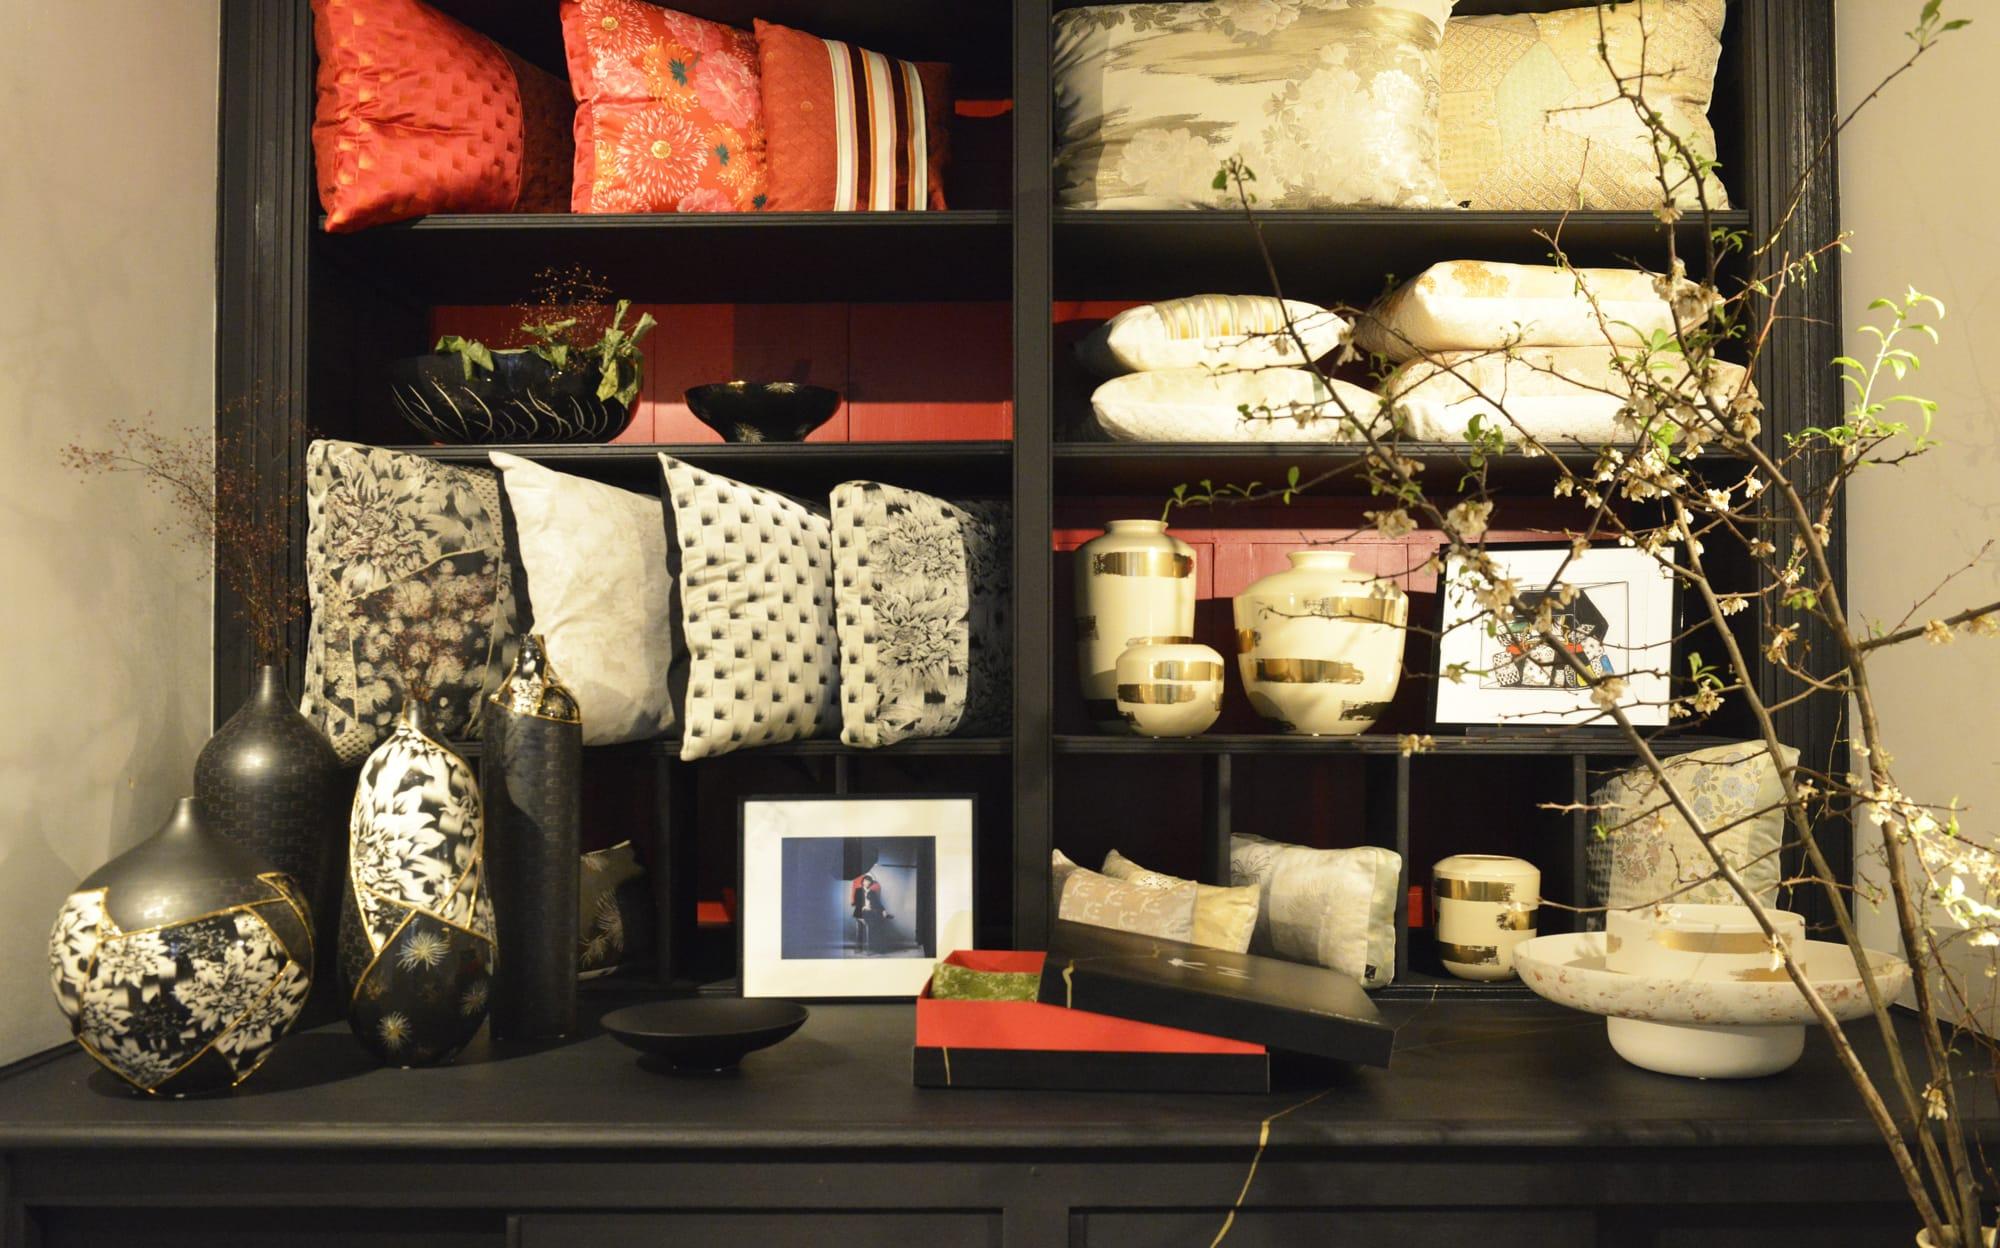 ショールームの棚には「K三」の3つのテーマのコレクションが並ぶ。